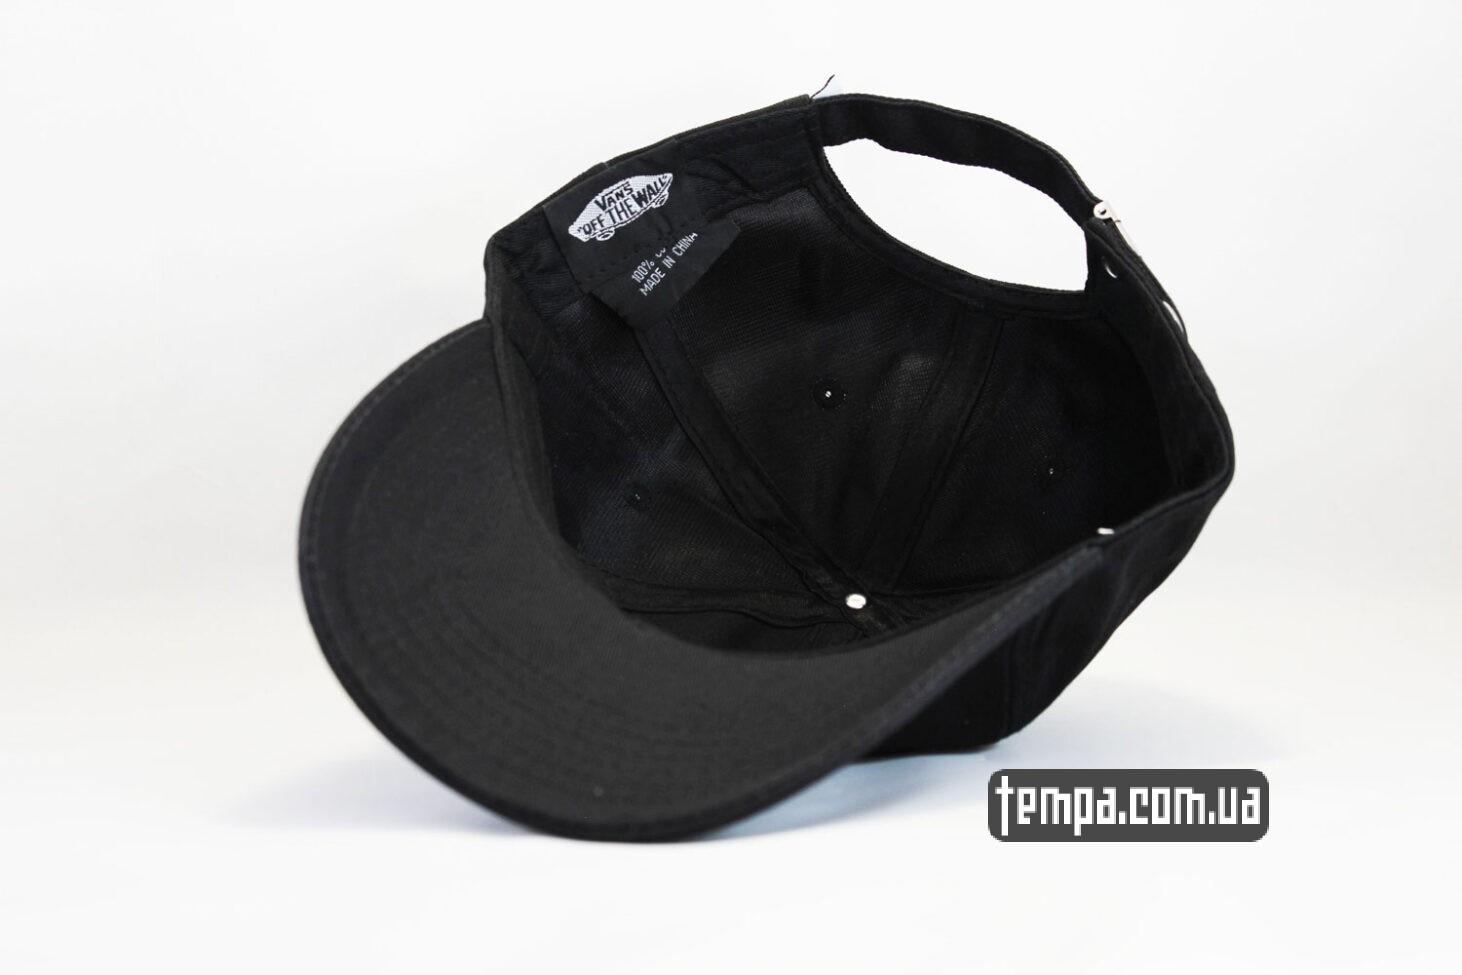 одежда венс кепка VANS black логотип сбоку черная бейсболка